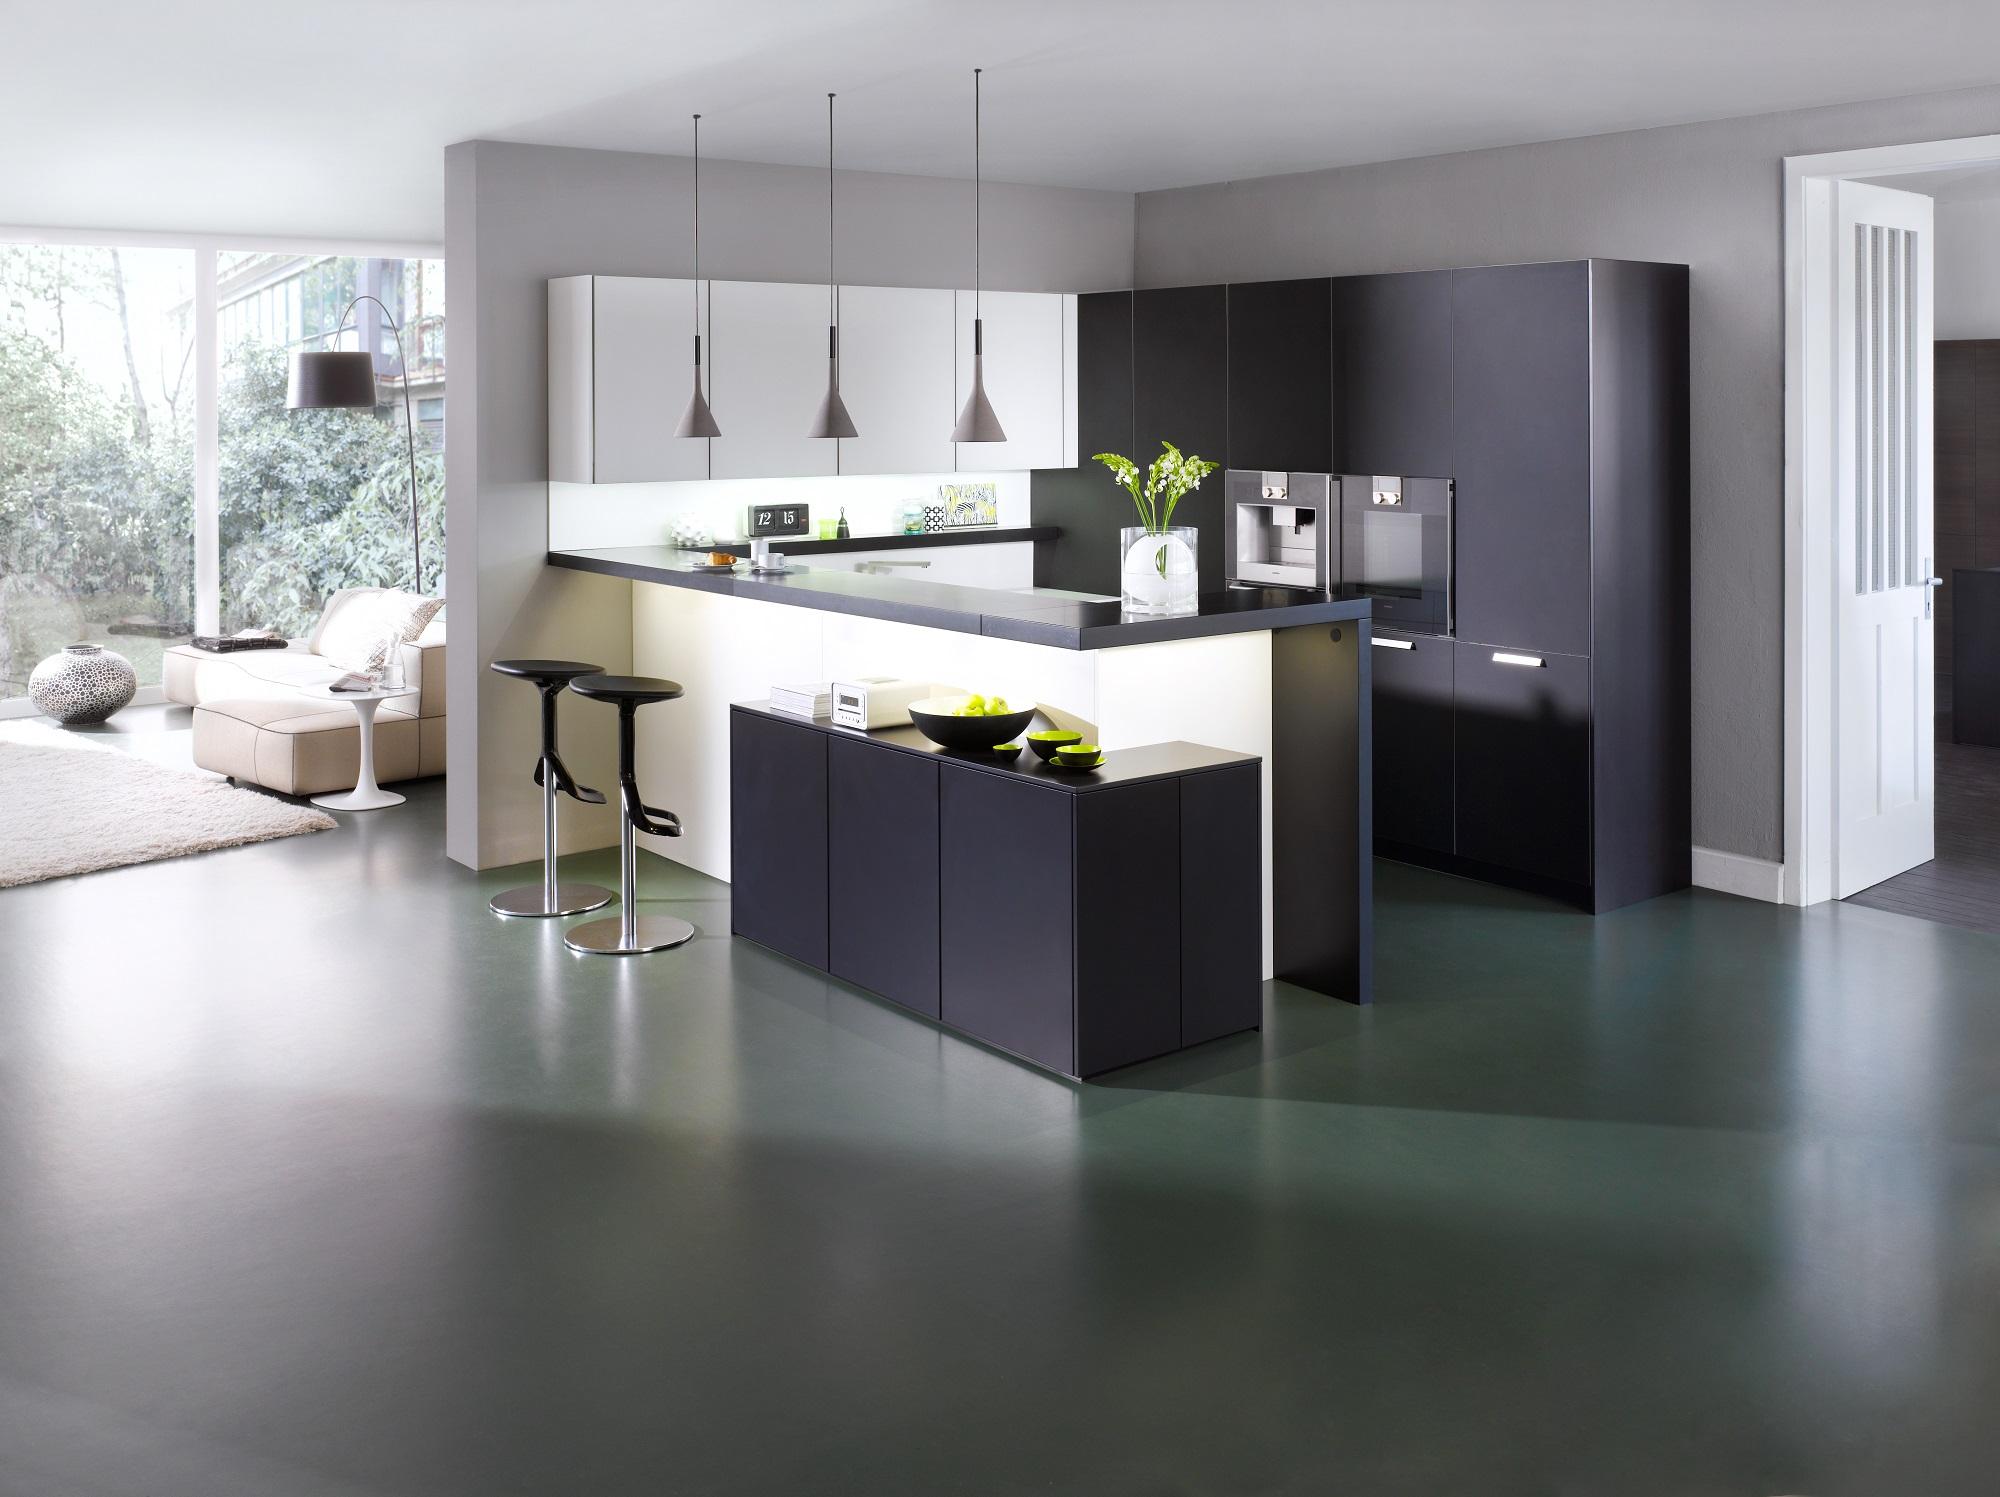 Stunning Nobilia Küchen Bewertung Ideas - Farbideen fürs ...